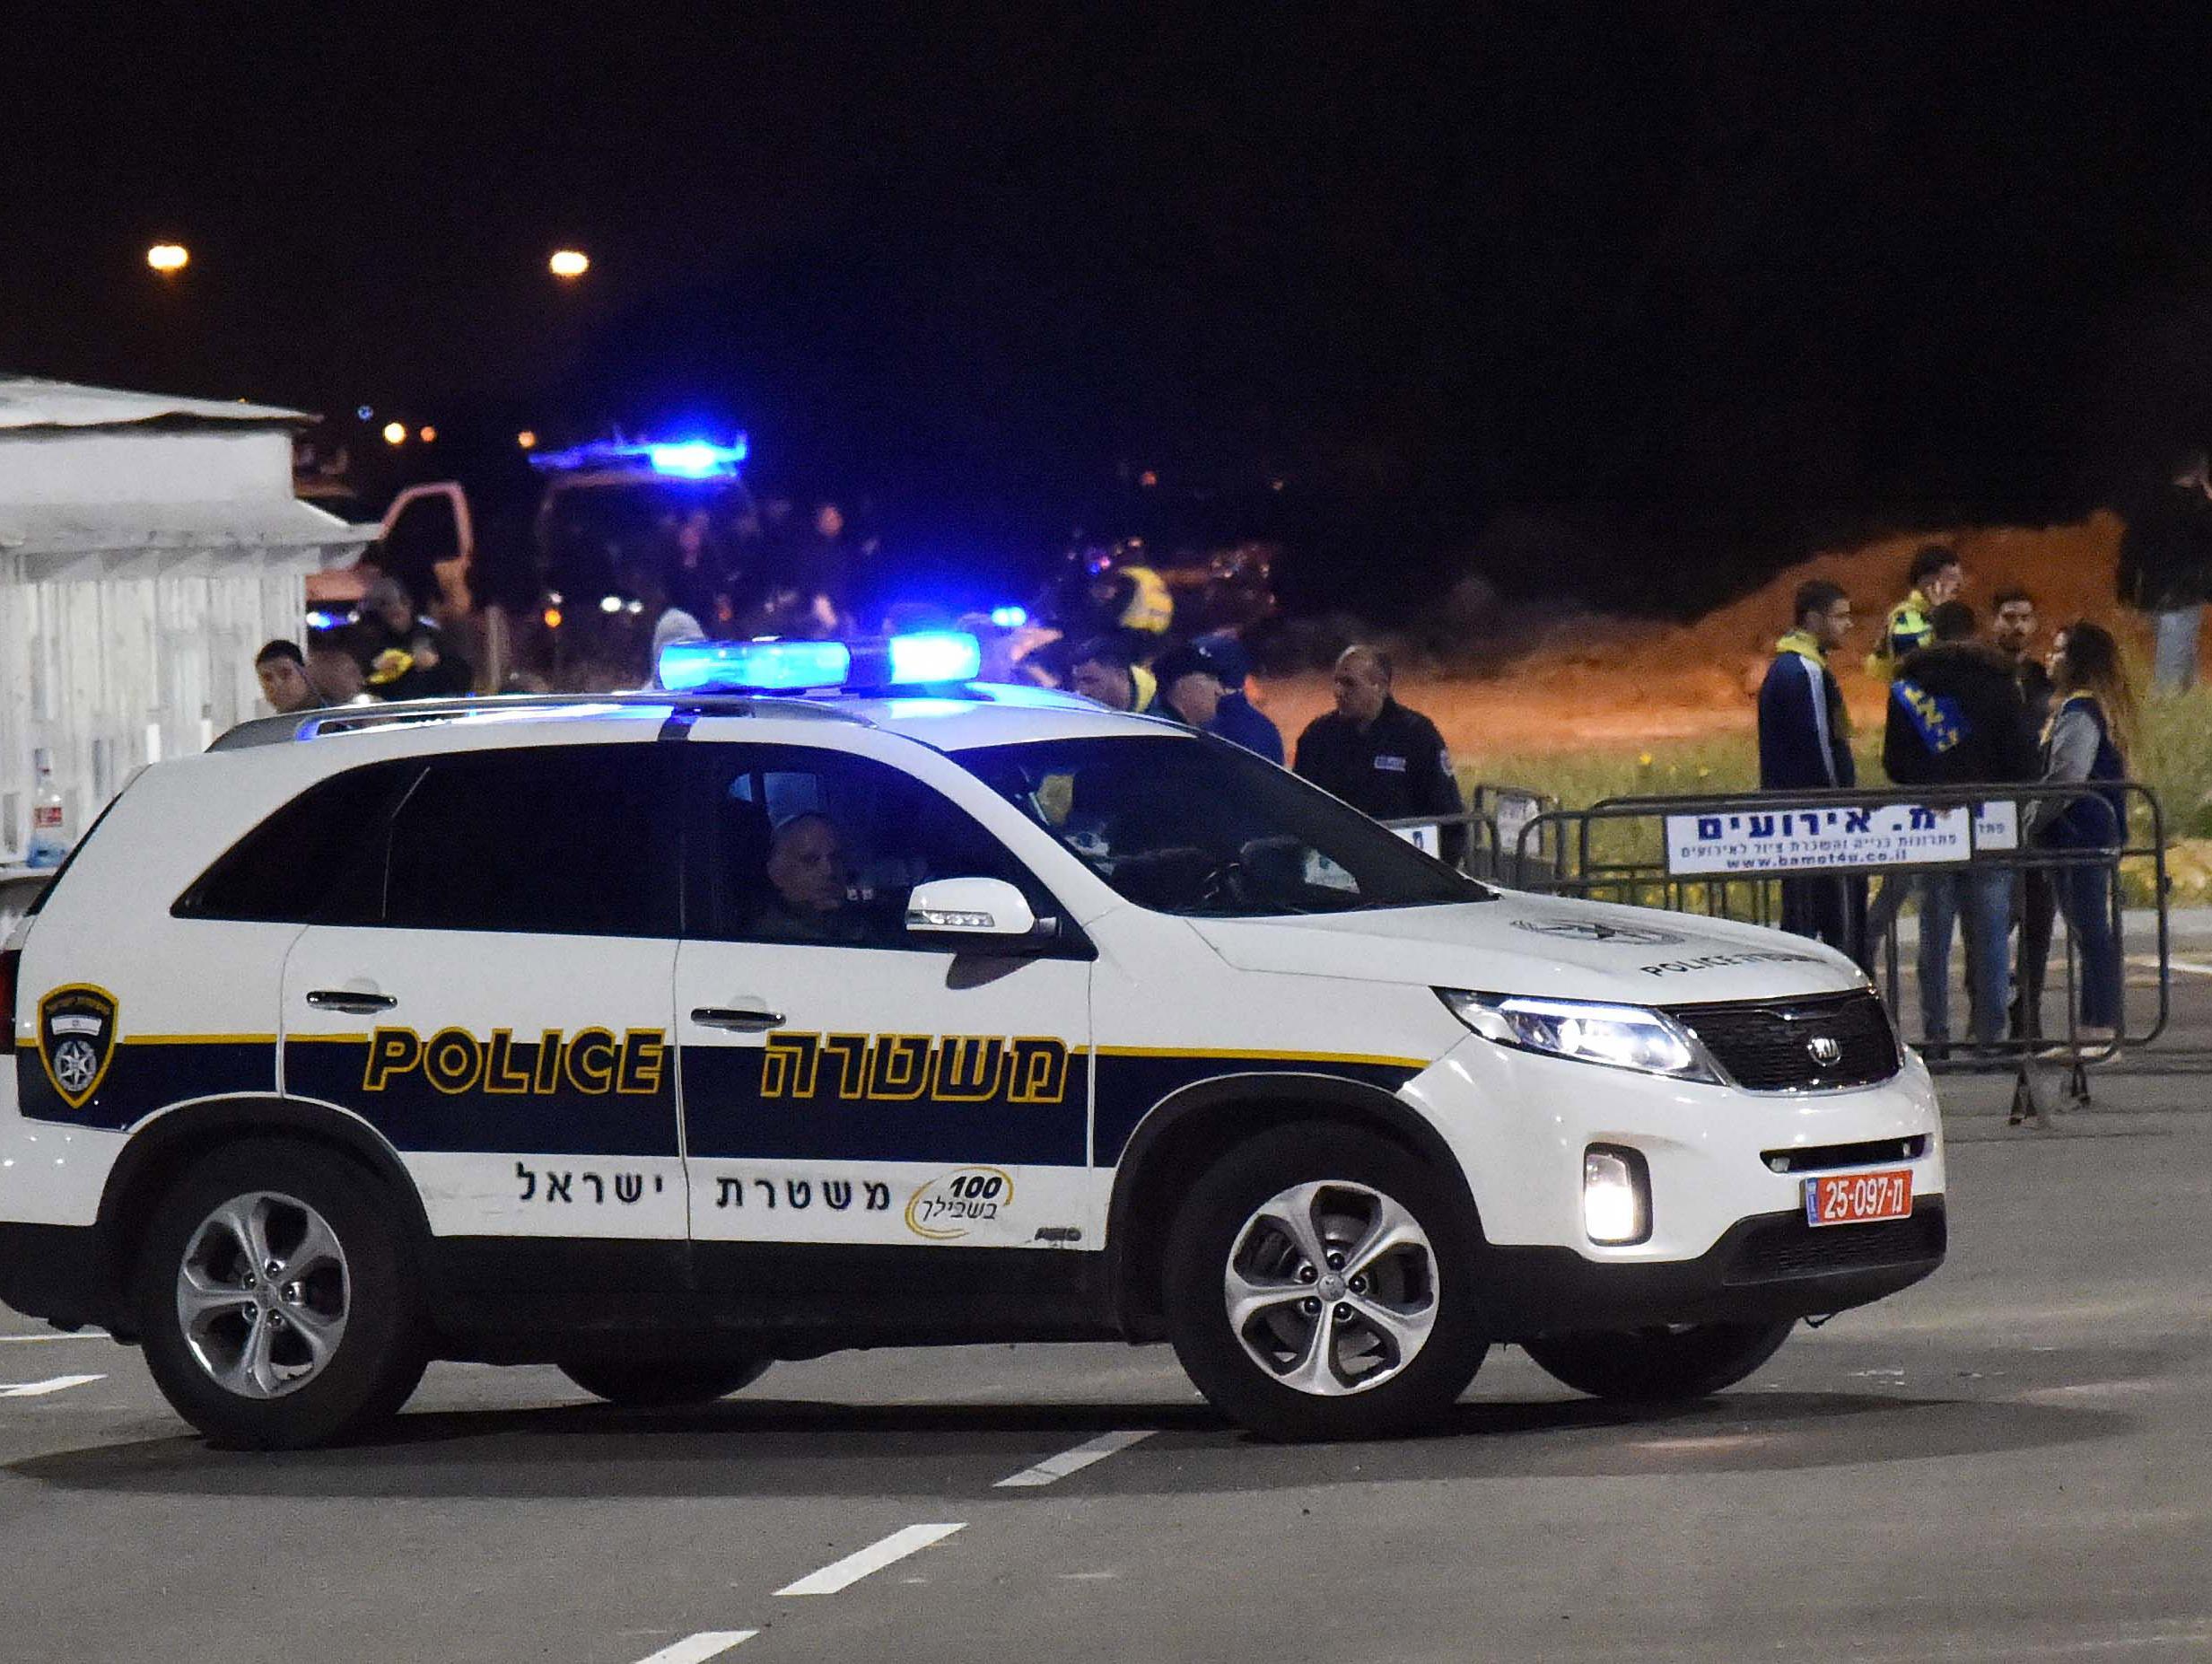 השוטרים פירקו את הרכב בחשד לאירוע חבלני, הנהג תבע את המדינה